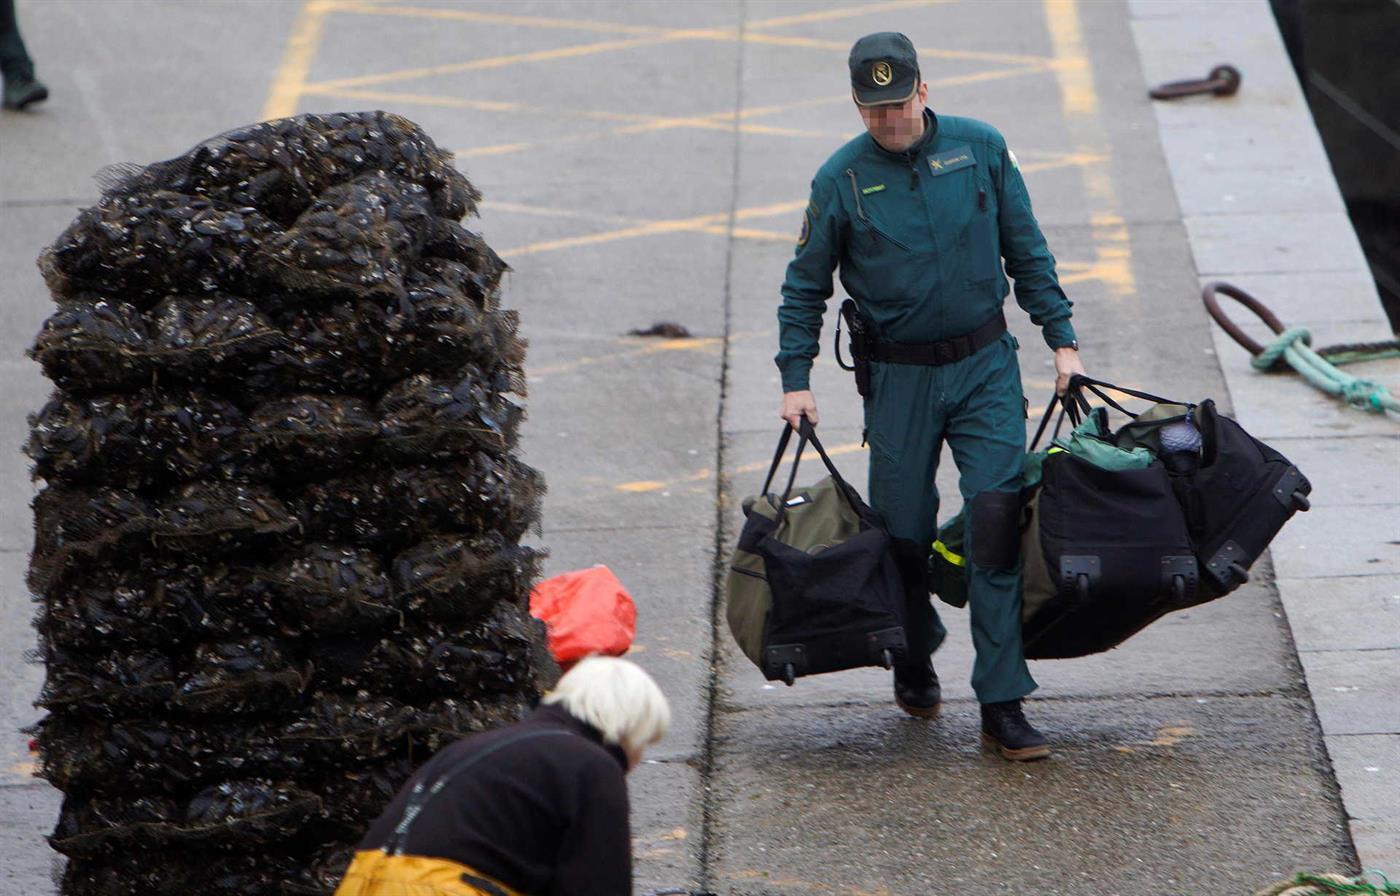 Autoridades acompanhavam submarino há vários dias